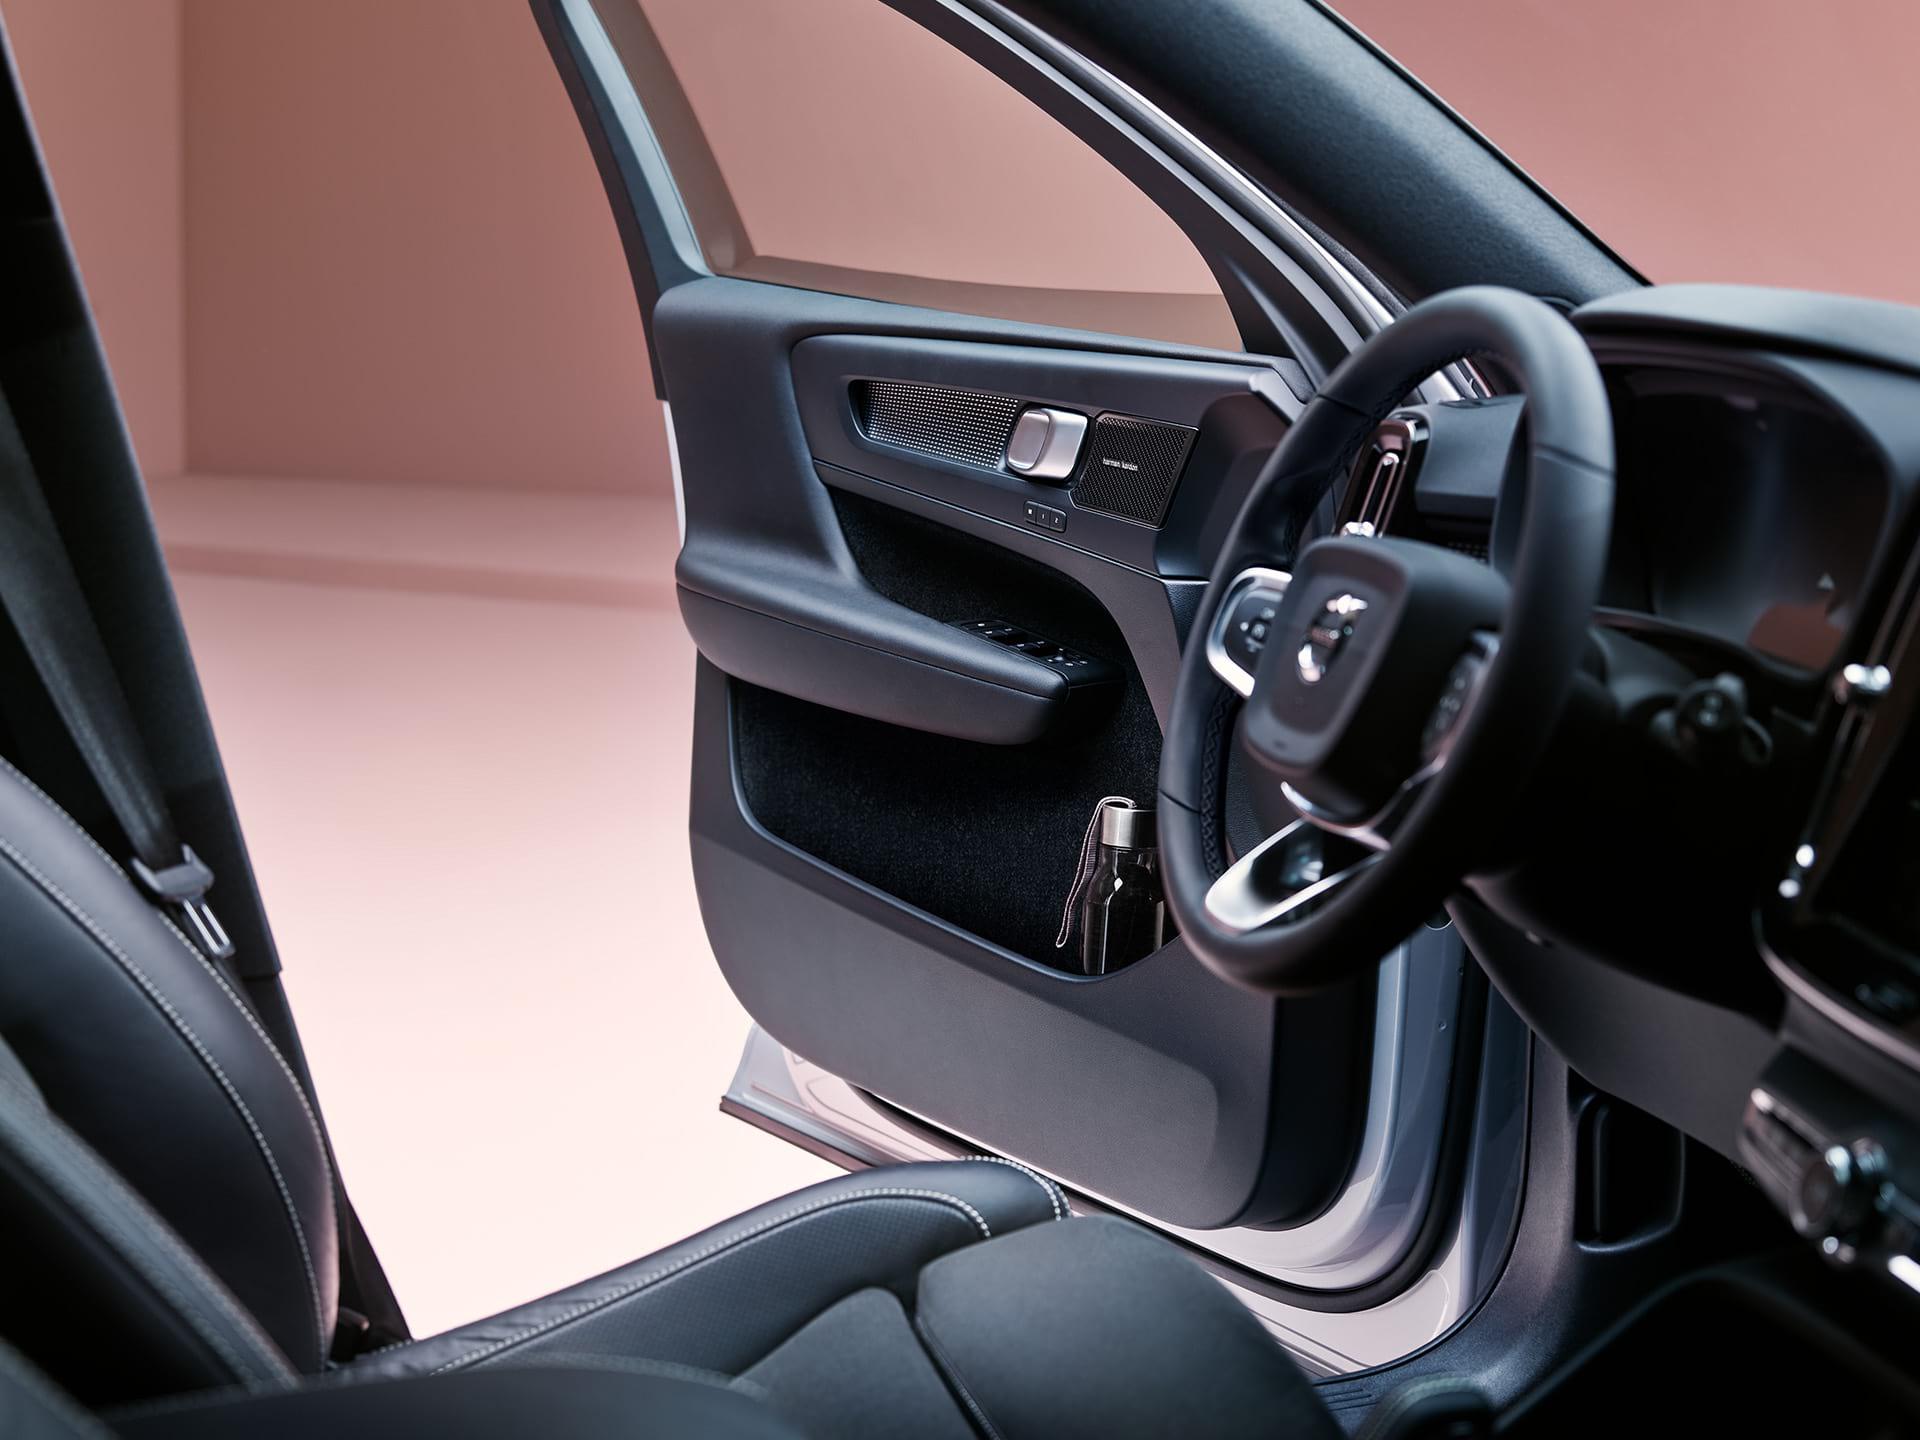 Intérieur noir d'un SUV électrique Volvo XC40 Recharge. La porte du conducteur est ouverte et contient une bouteille d'eau.